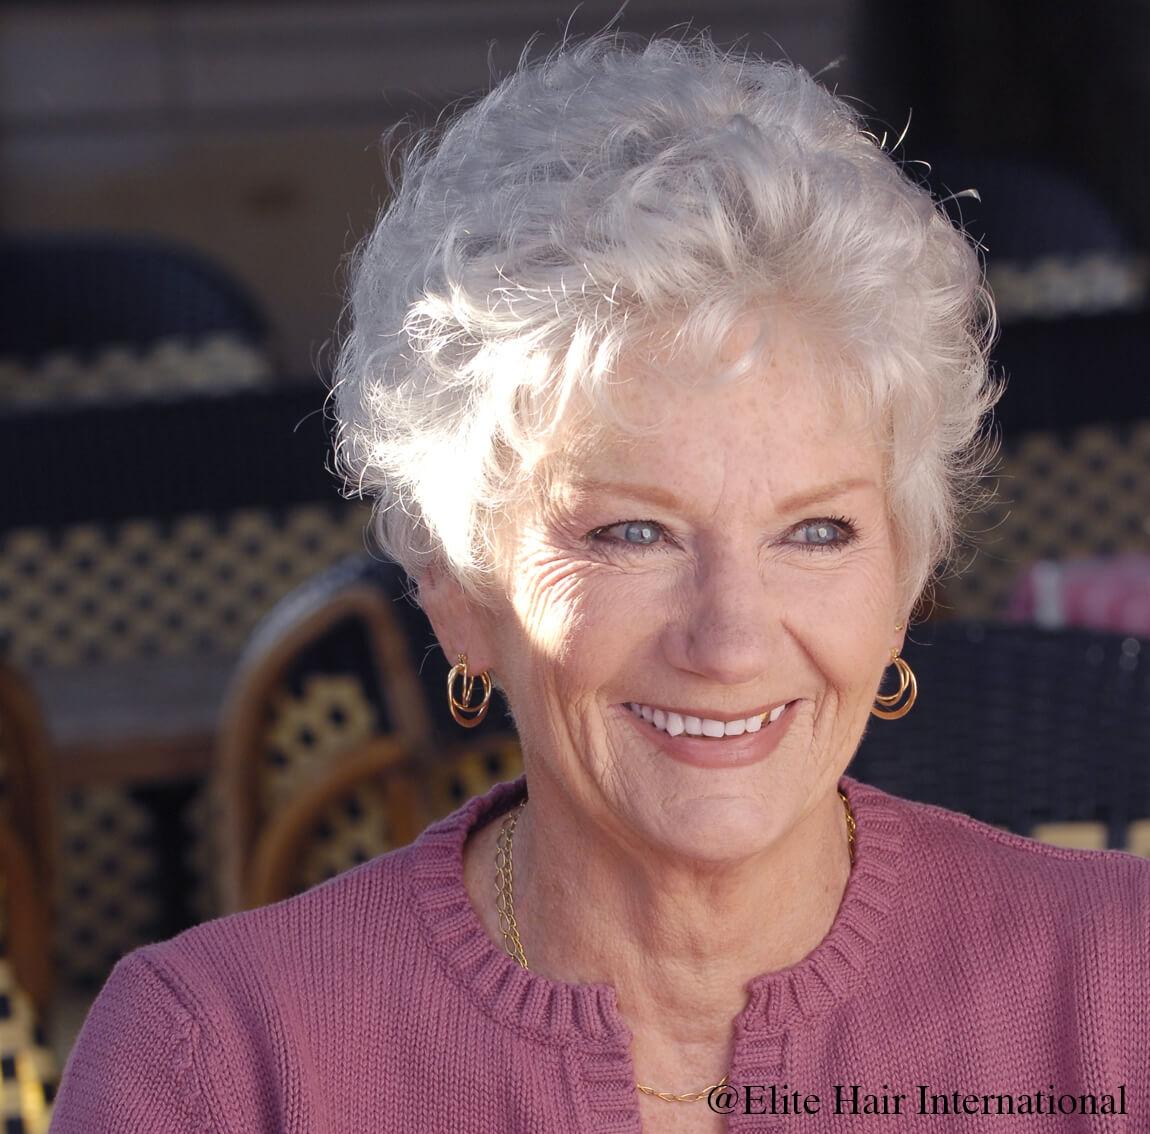 Portrait d'une femme portant la perruque Classic d'Elite Hair International, une coupe coupe courte en cheveux synthétiques.